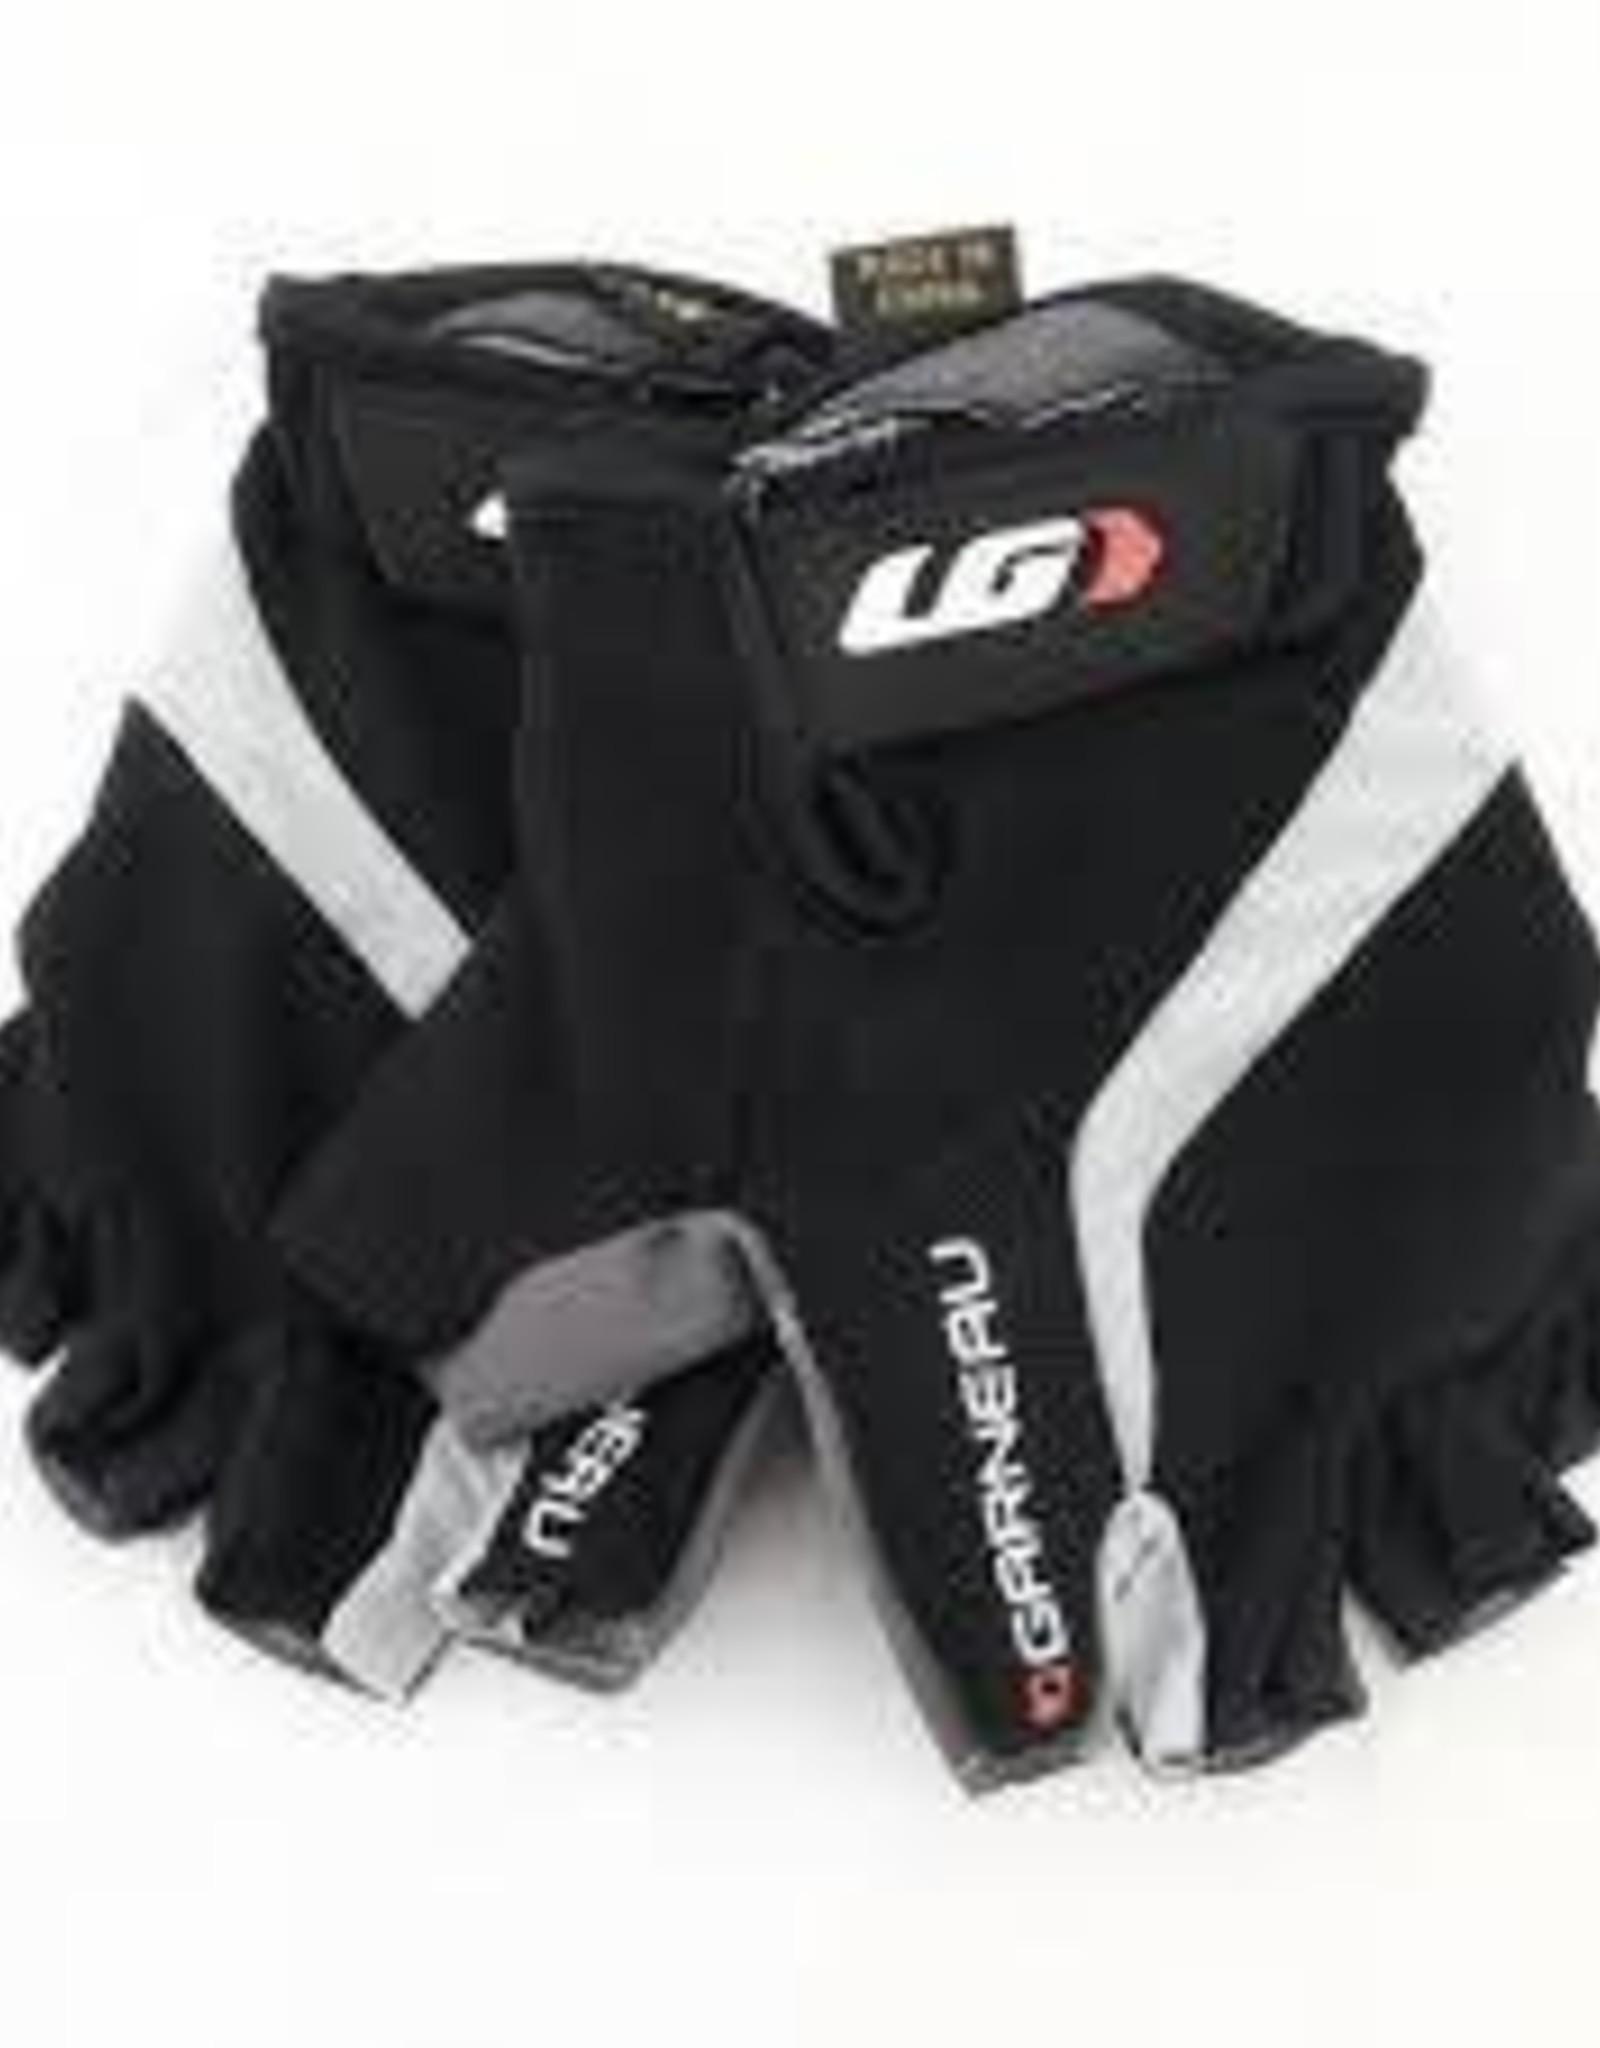 Louis Garneau Louis Garneau Biogel RX-V Glove: Black 2XL